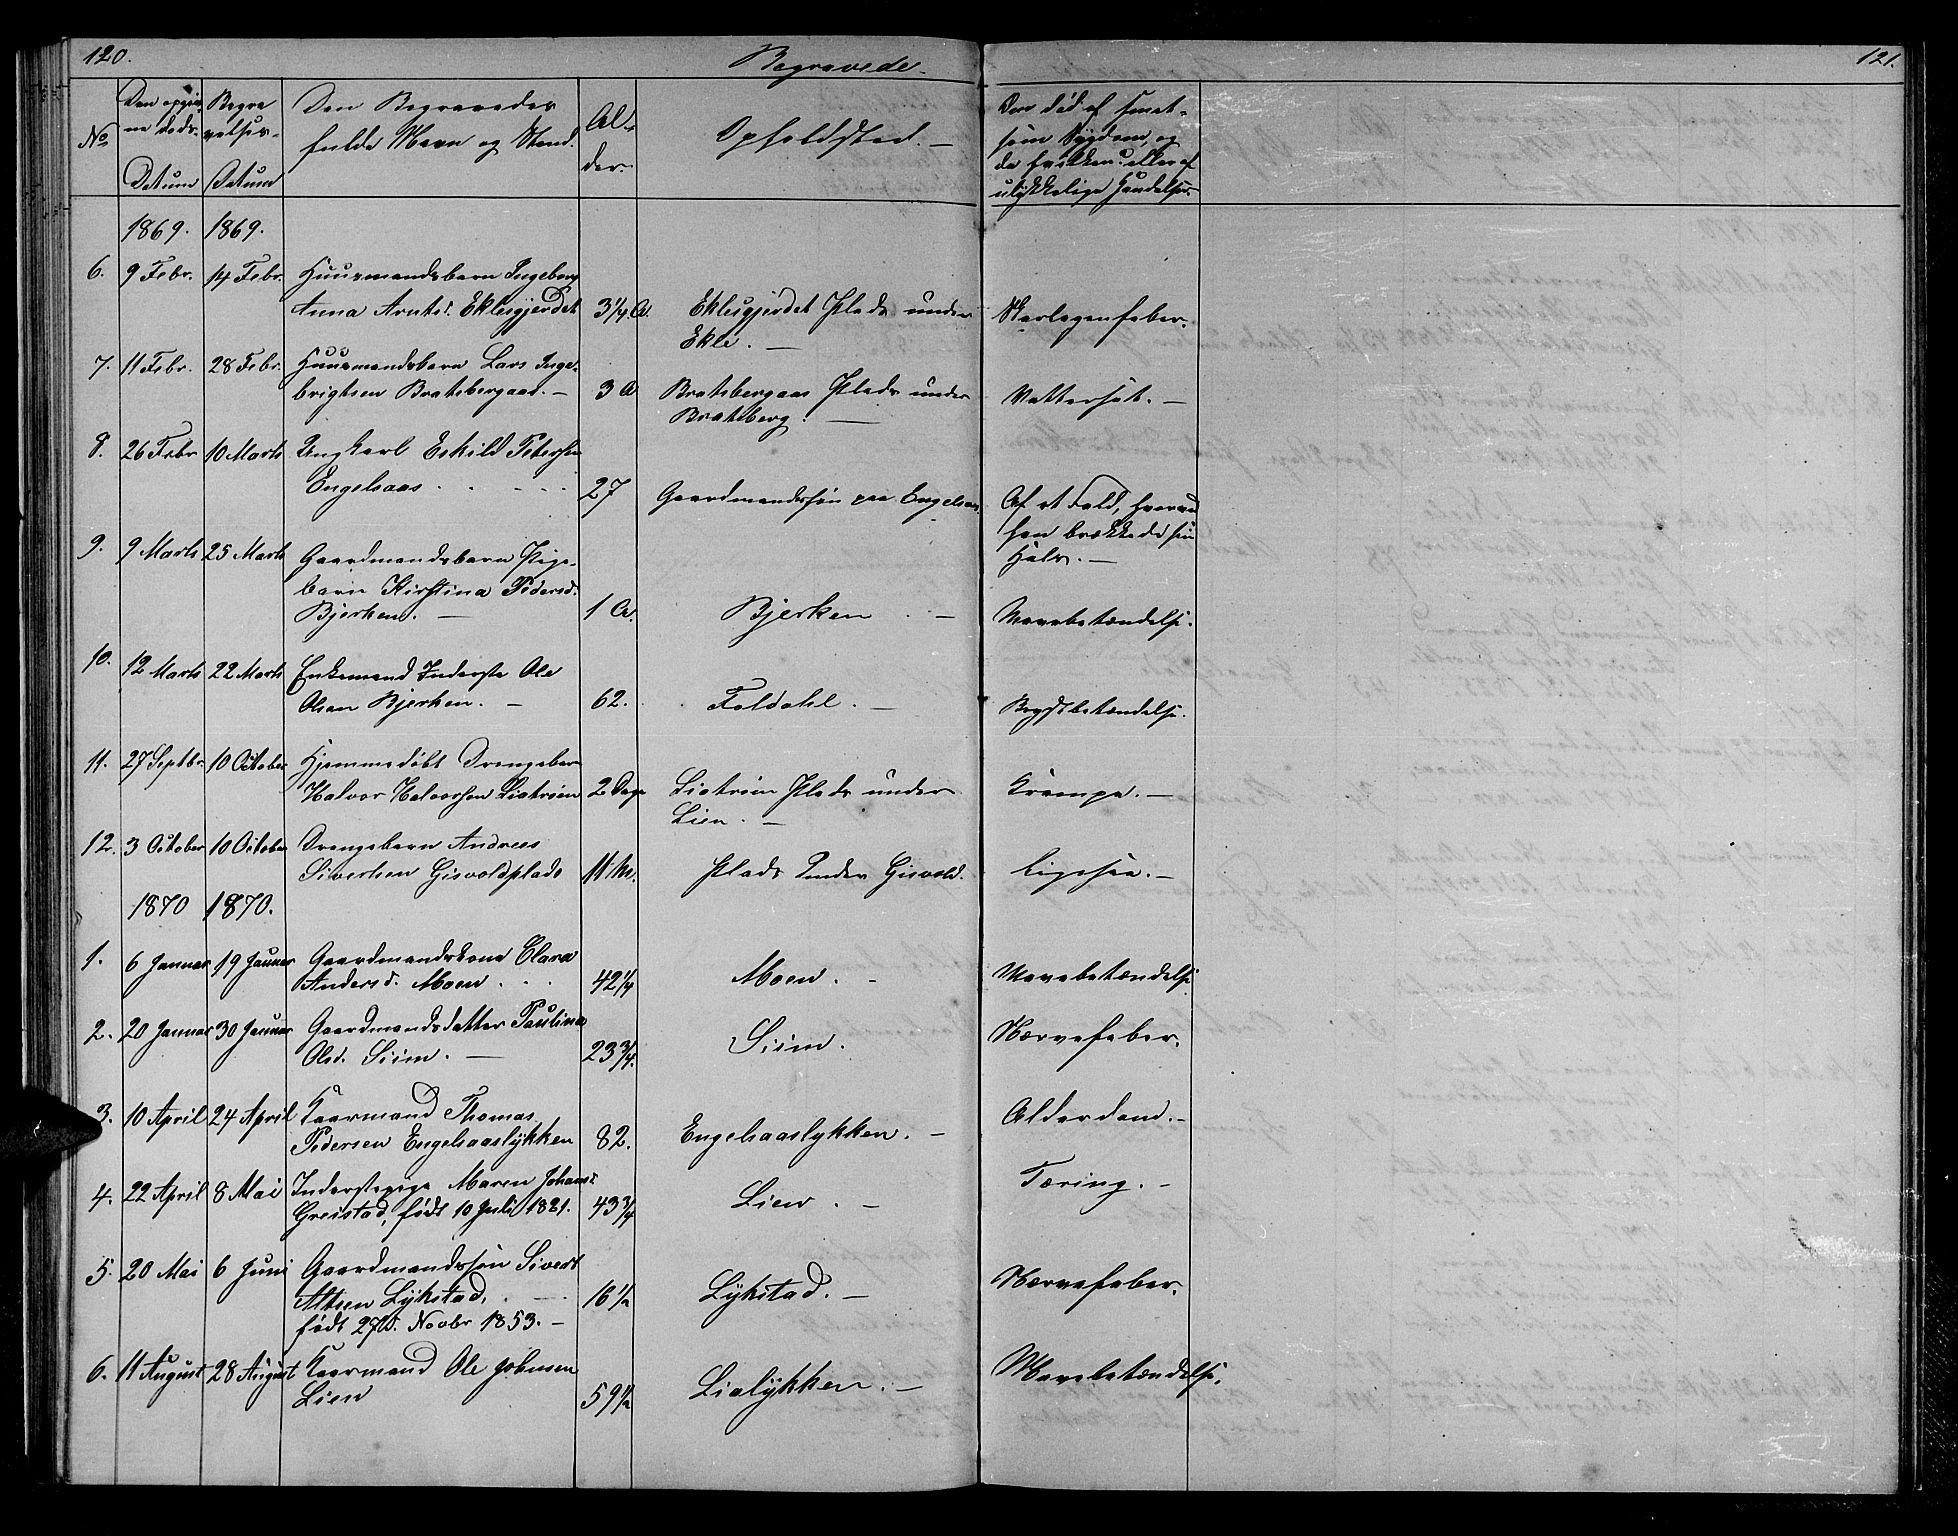 SAT, Ministerialprotokoller, klokkerbøker og fødselsregistre - Sør-Trøndelag, 608/L0340: Klokkerbok nr. 608C06, 1864-1889, s. 120-121